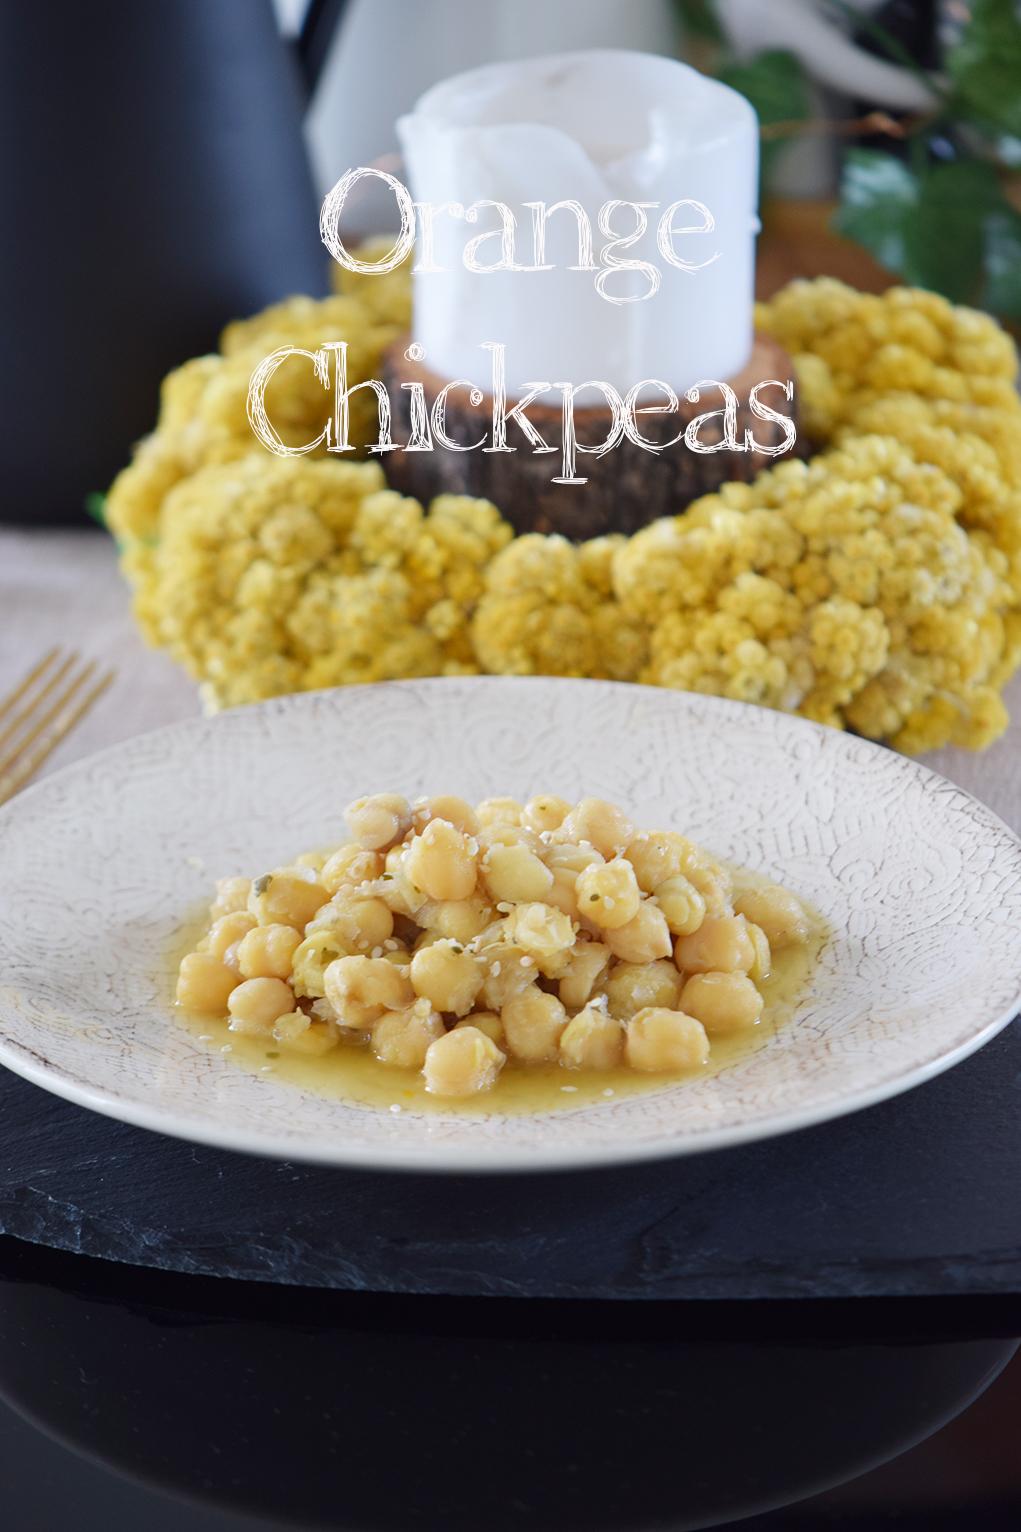 Chickpeas with orange